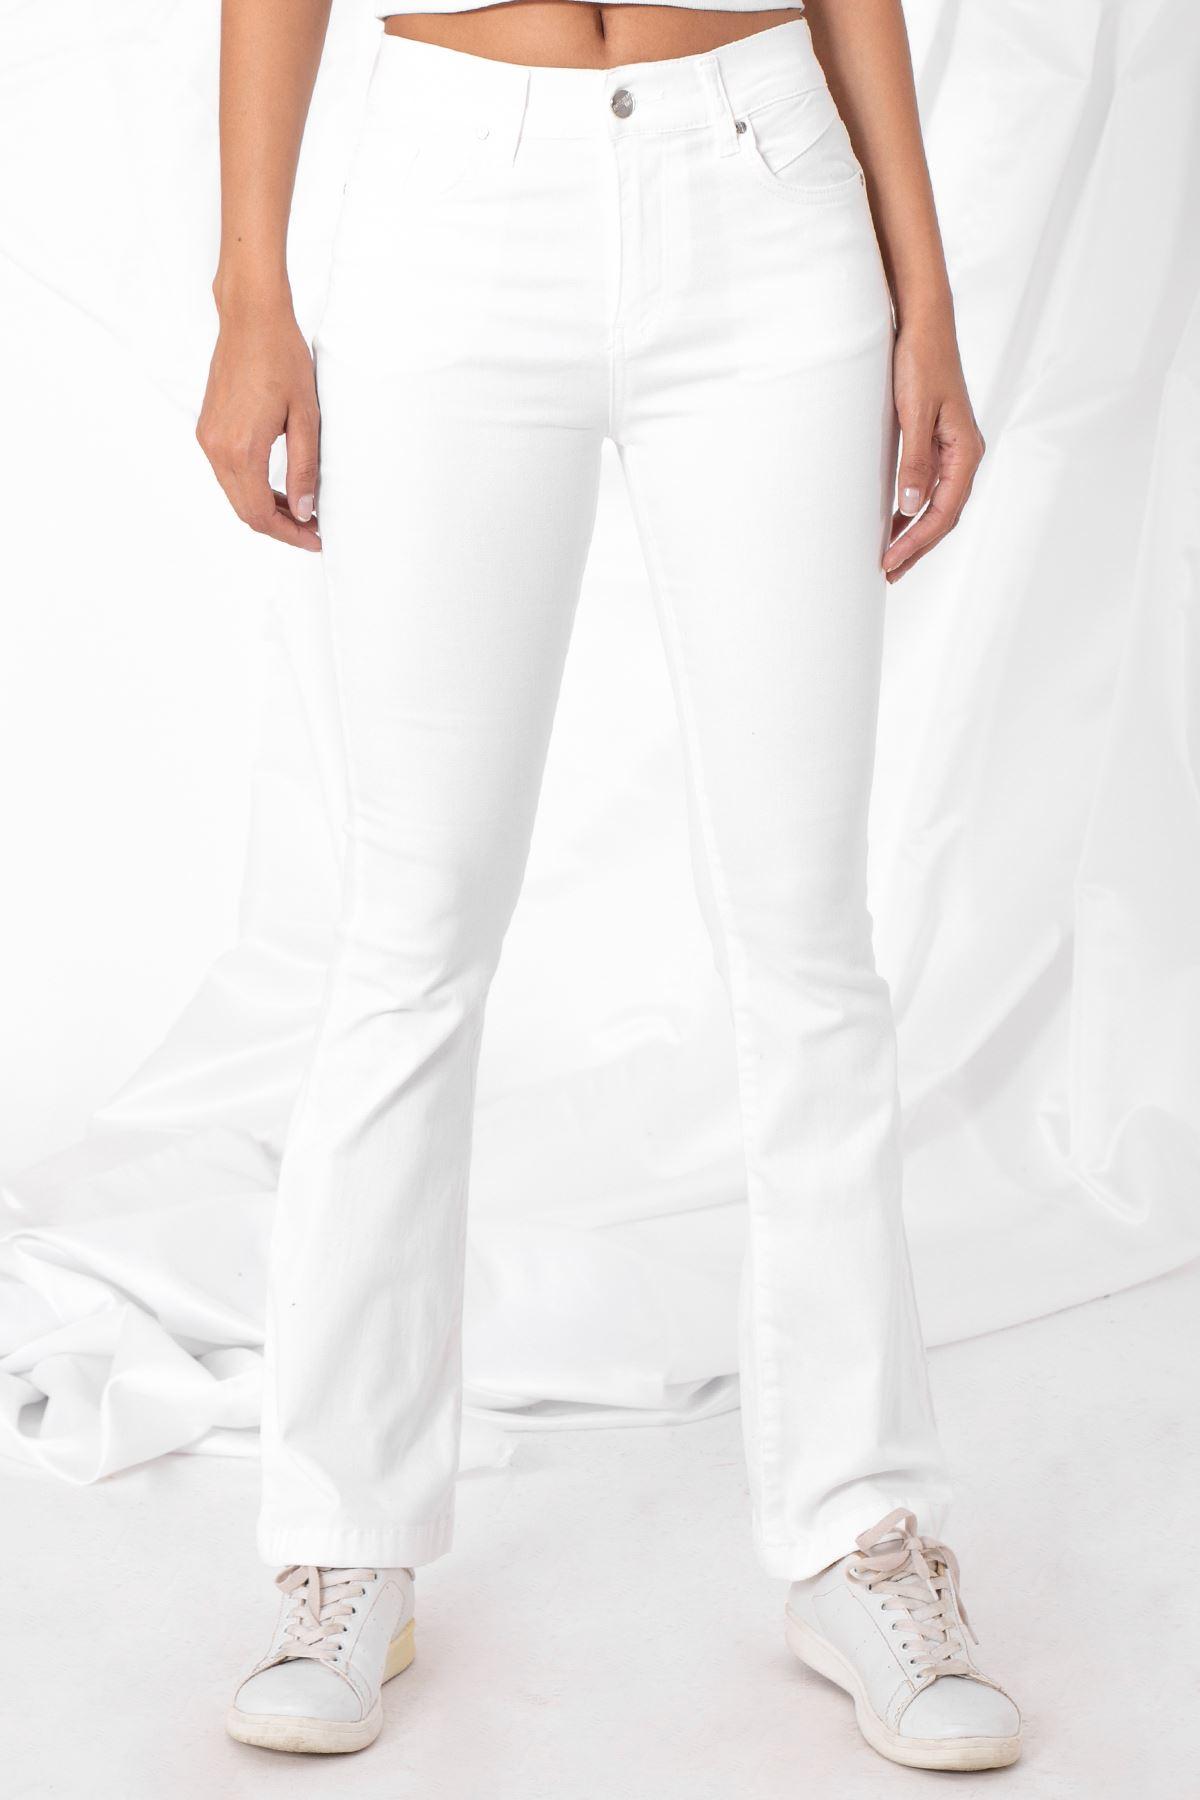 Kadın İspanyol Paça Beyaz Pantolon